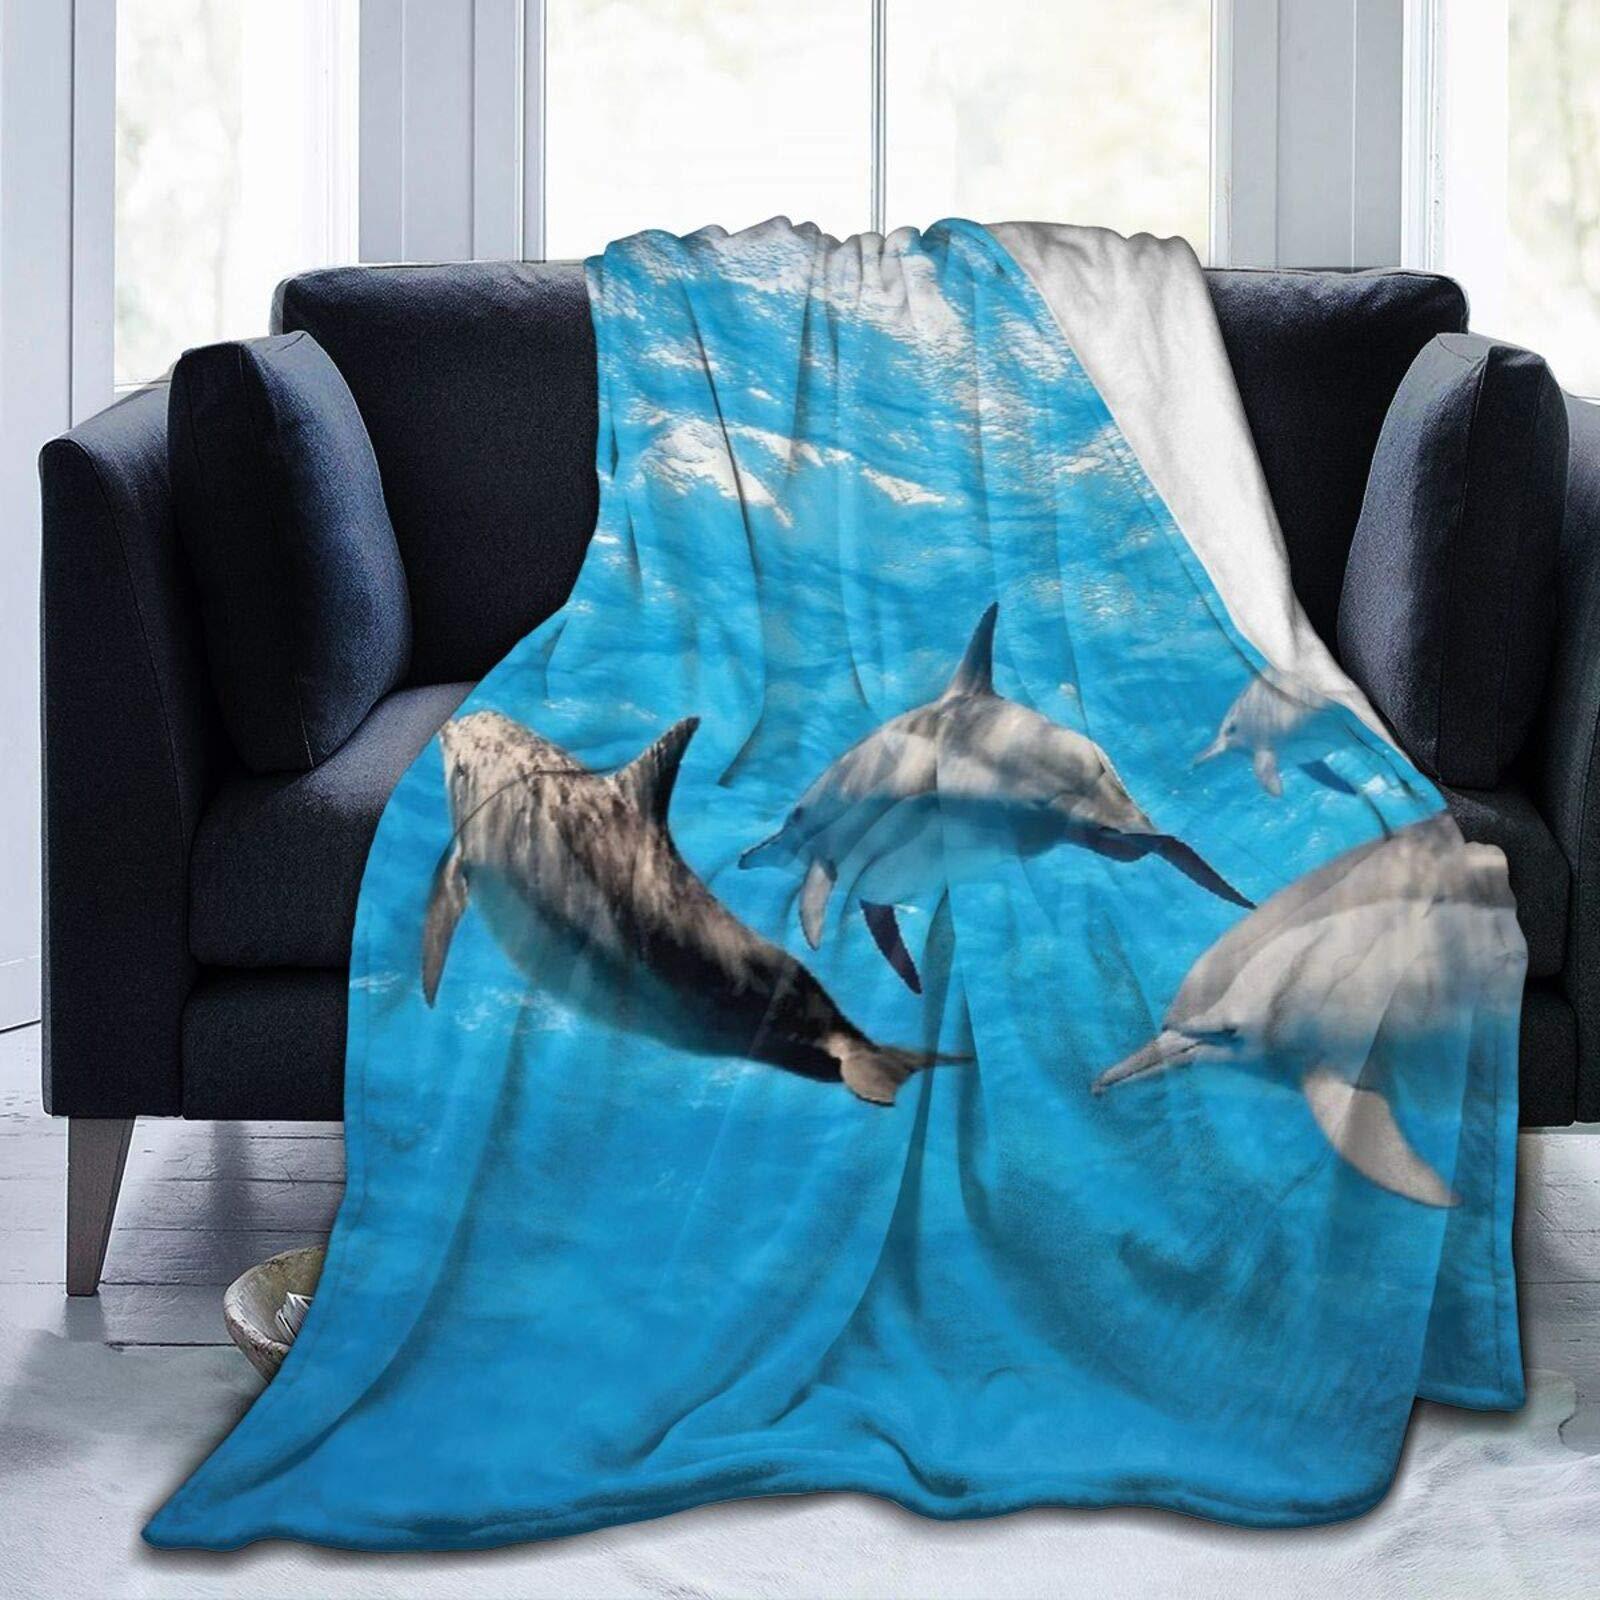 Мягкий коралловый флис покрывало домашний декор Дельфин для подводной съемки с дельфинов счастливо Ocean животных жизнидля для детей